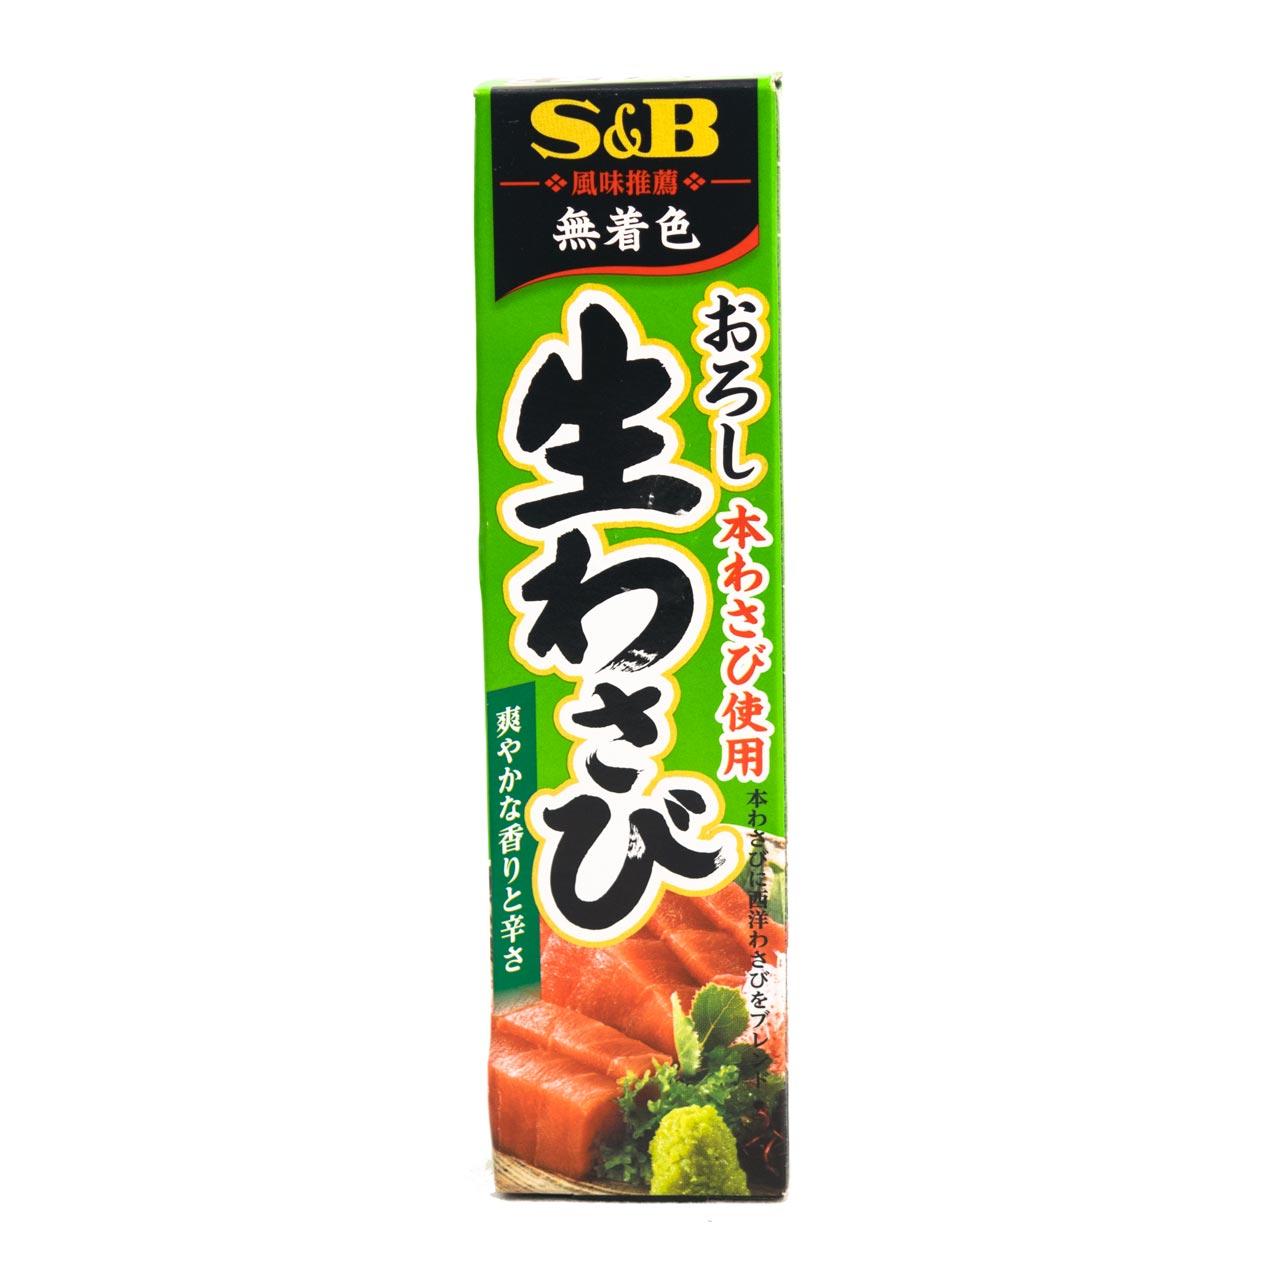 سس واسابی ژاپنی – S&B